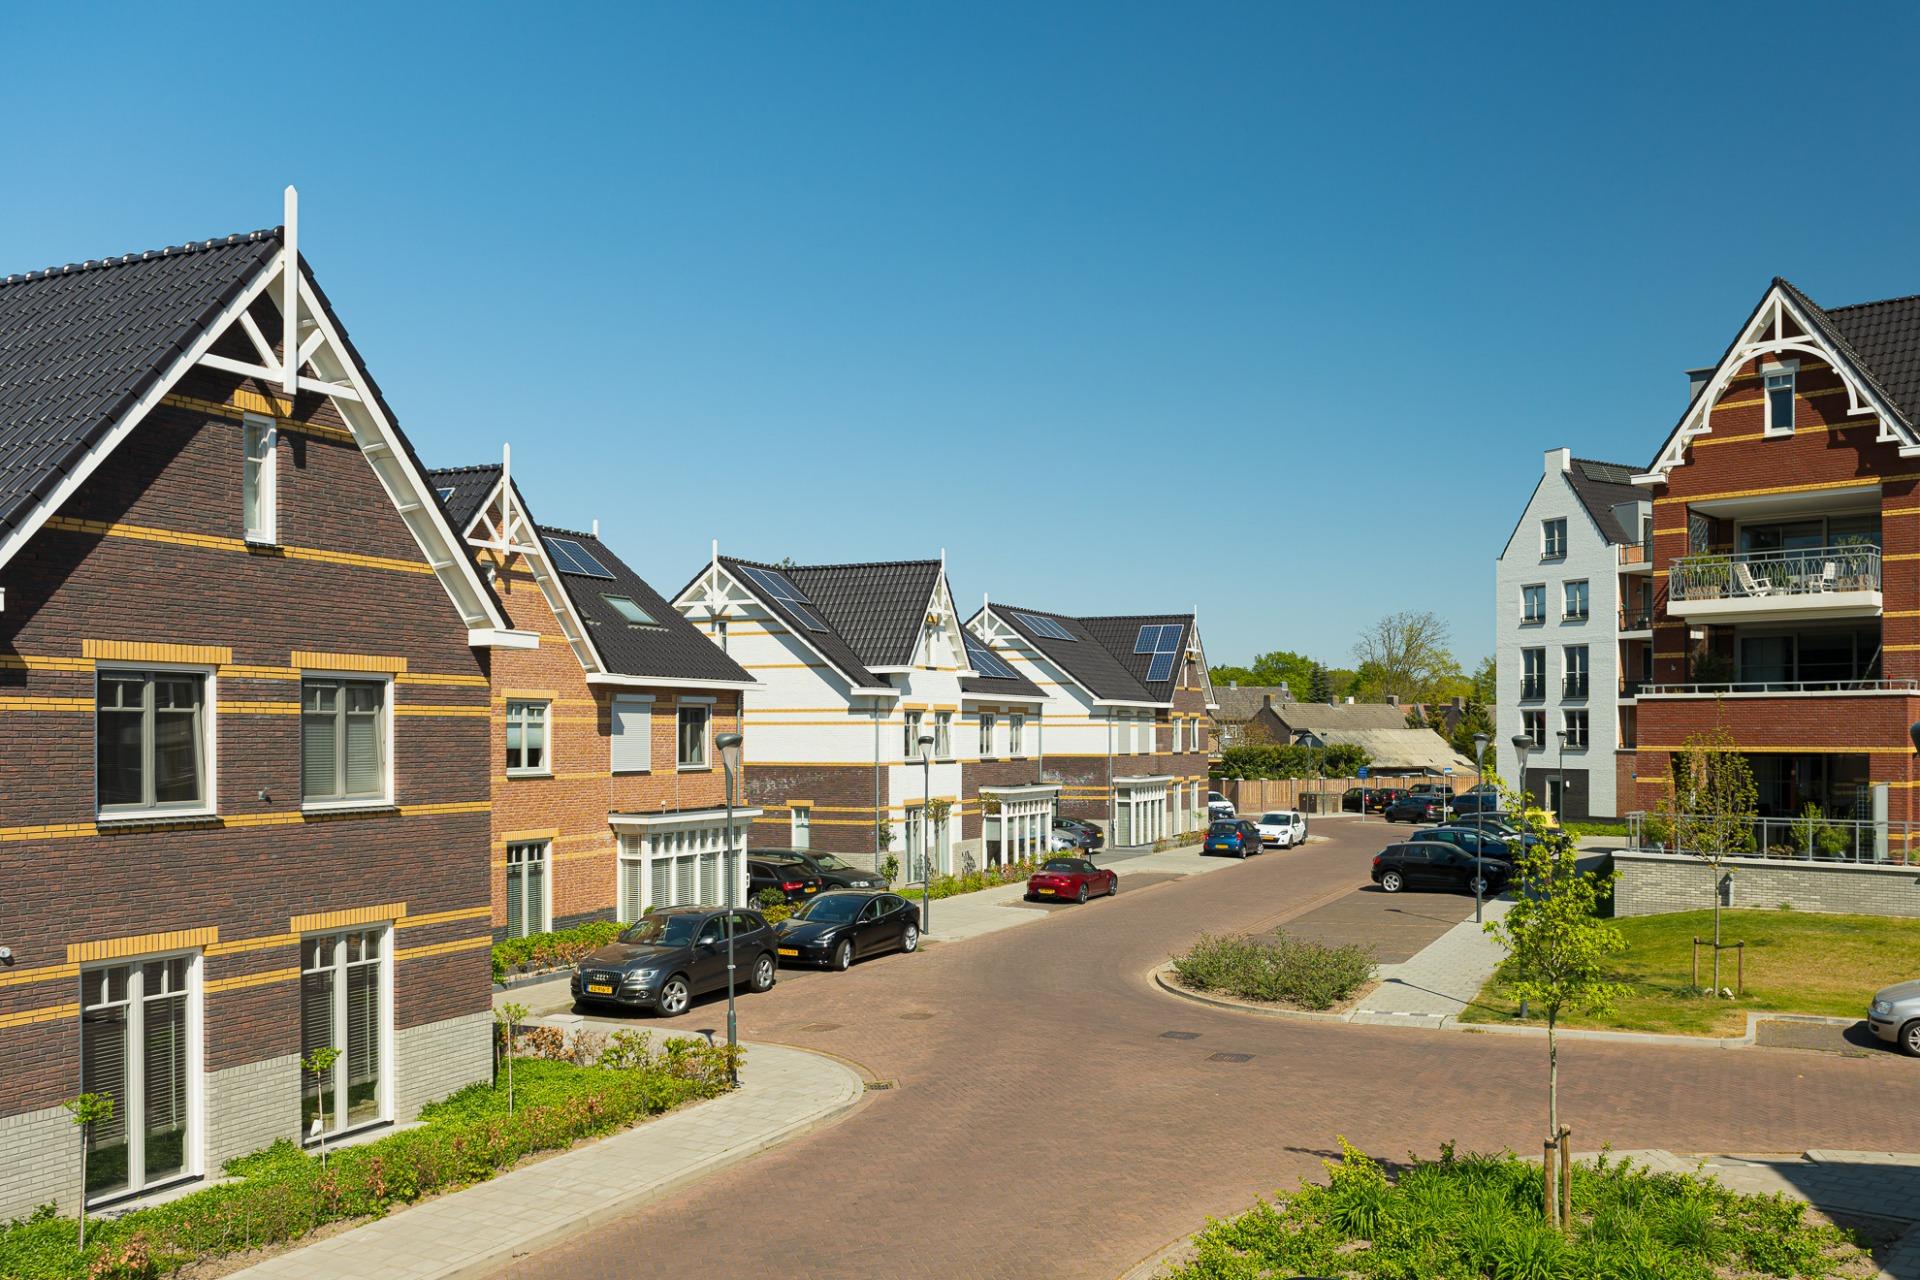 koopwoningen Sint Michielsgestel Van der Heijden bouw en ontwikkeling